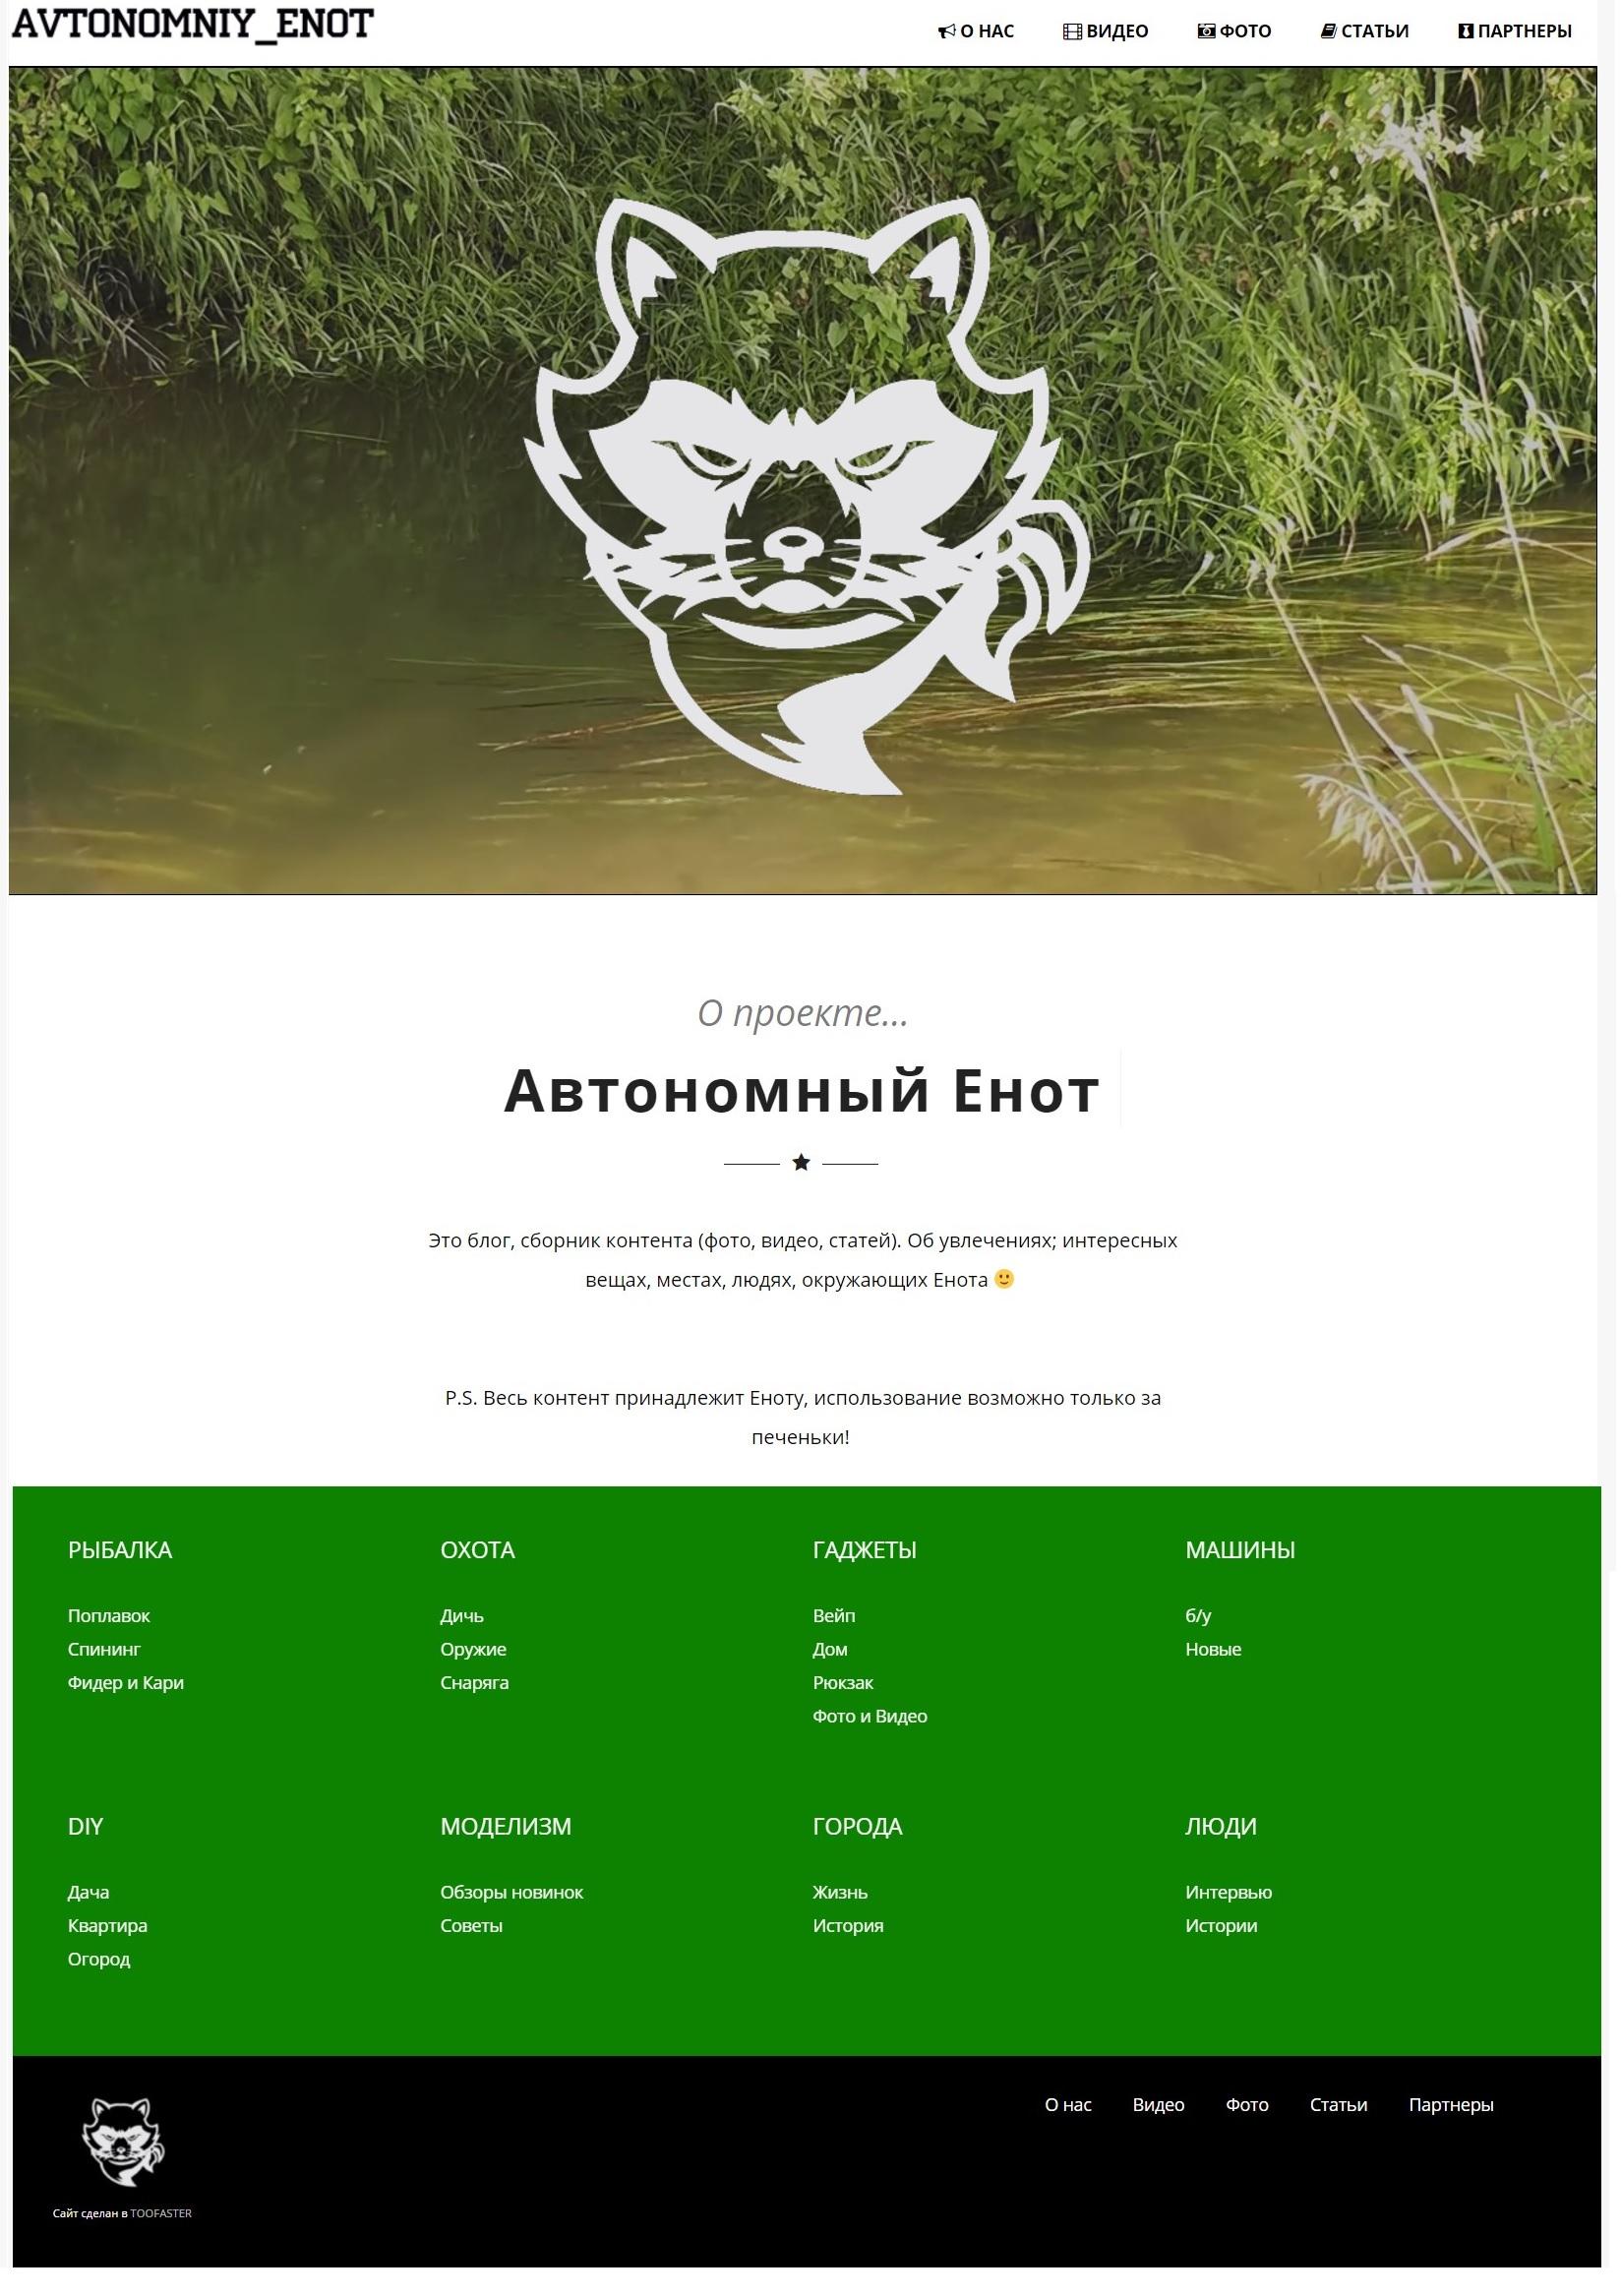 avtoenot.ru